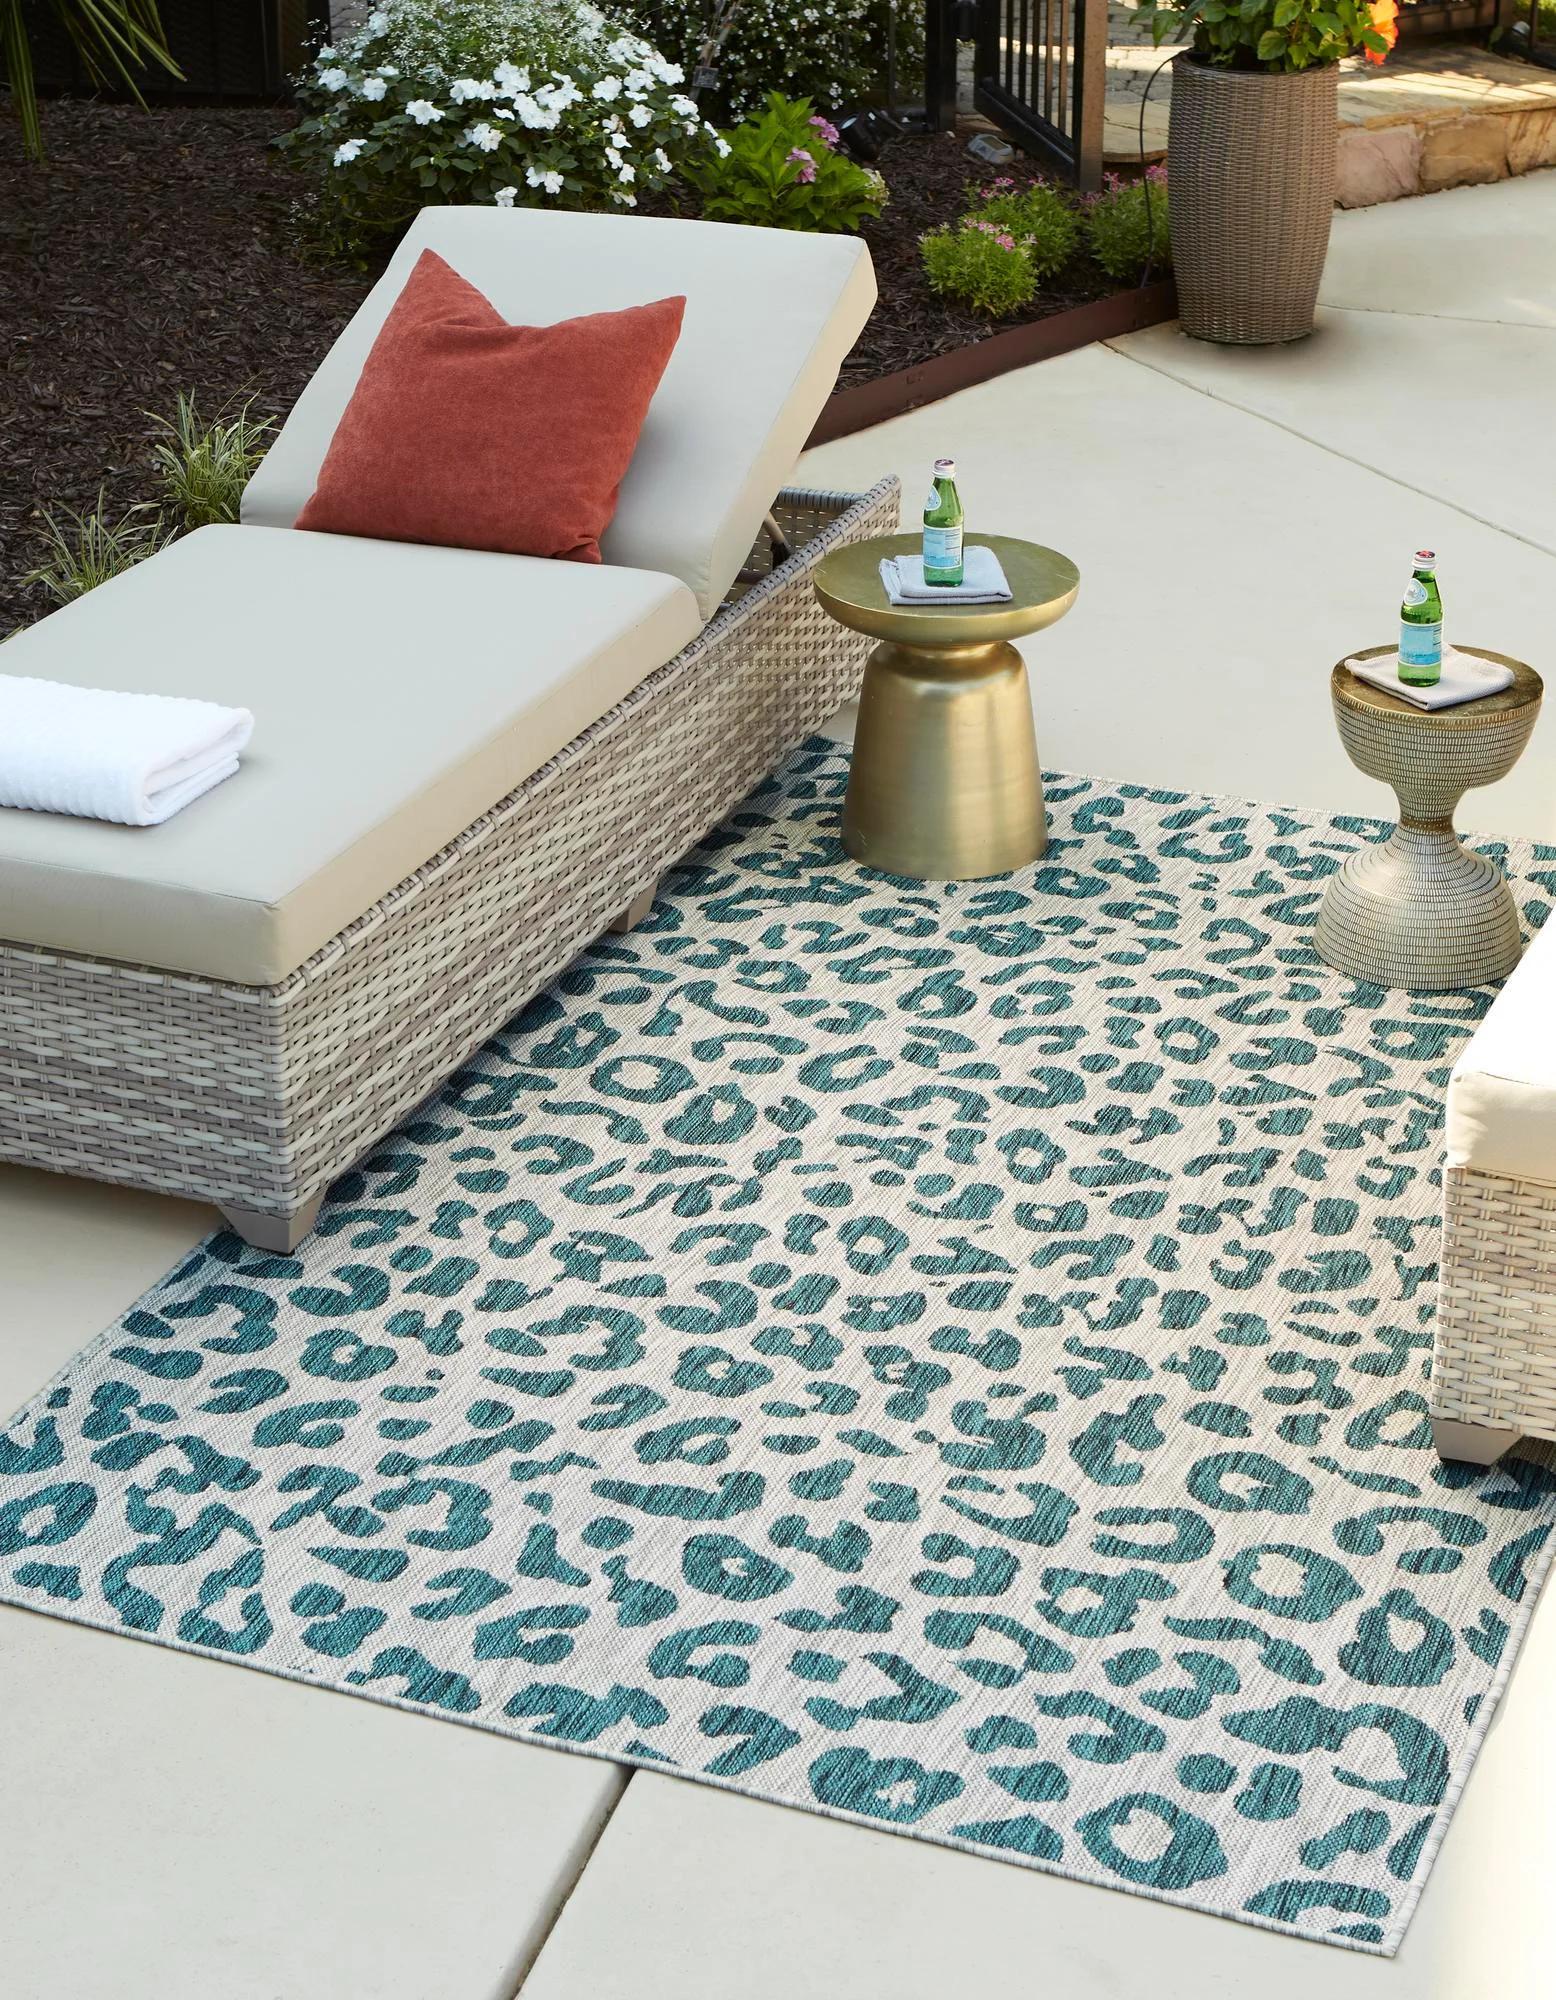 6 x 9 outdoor safari rug